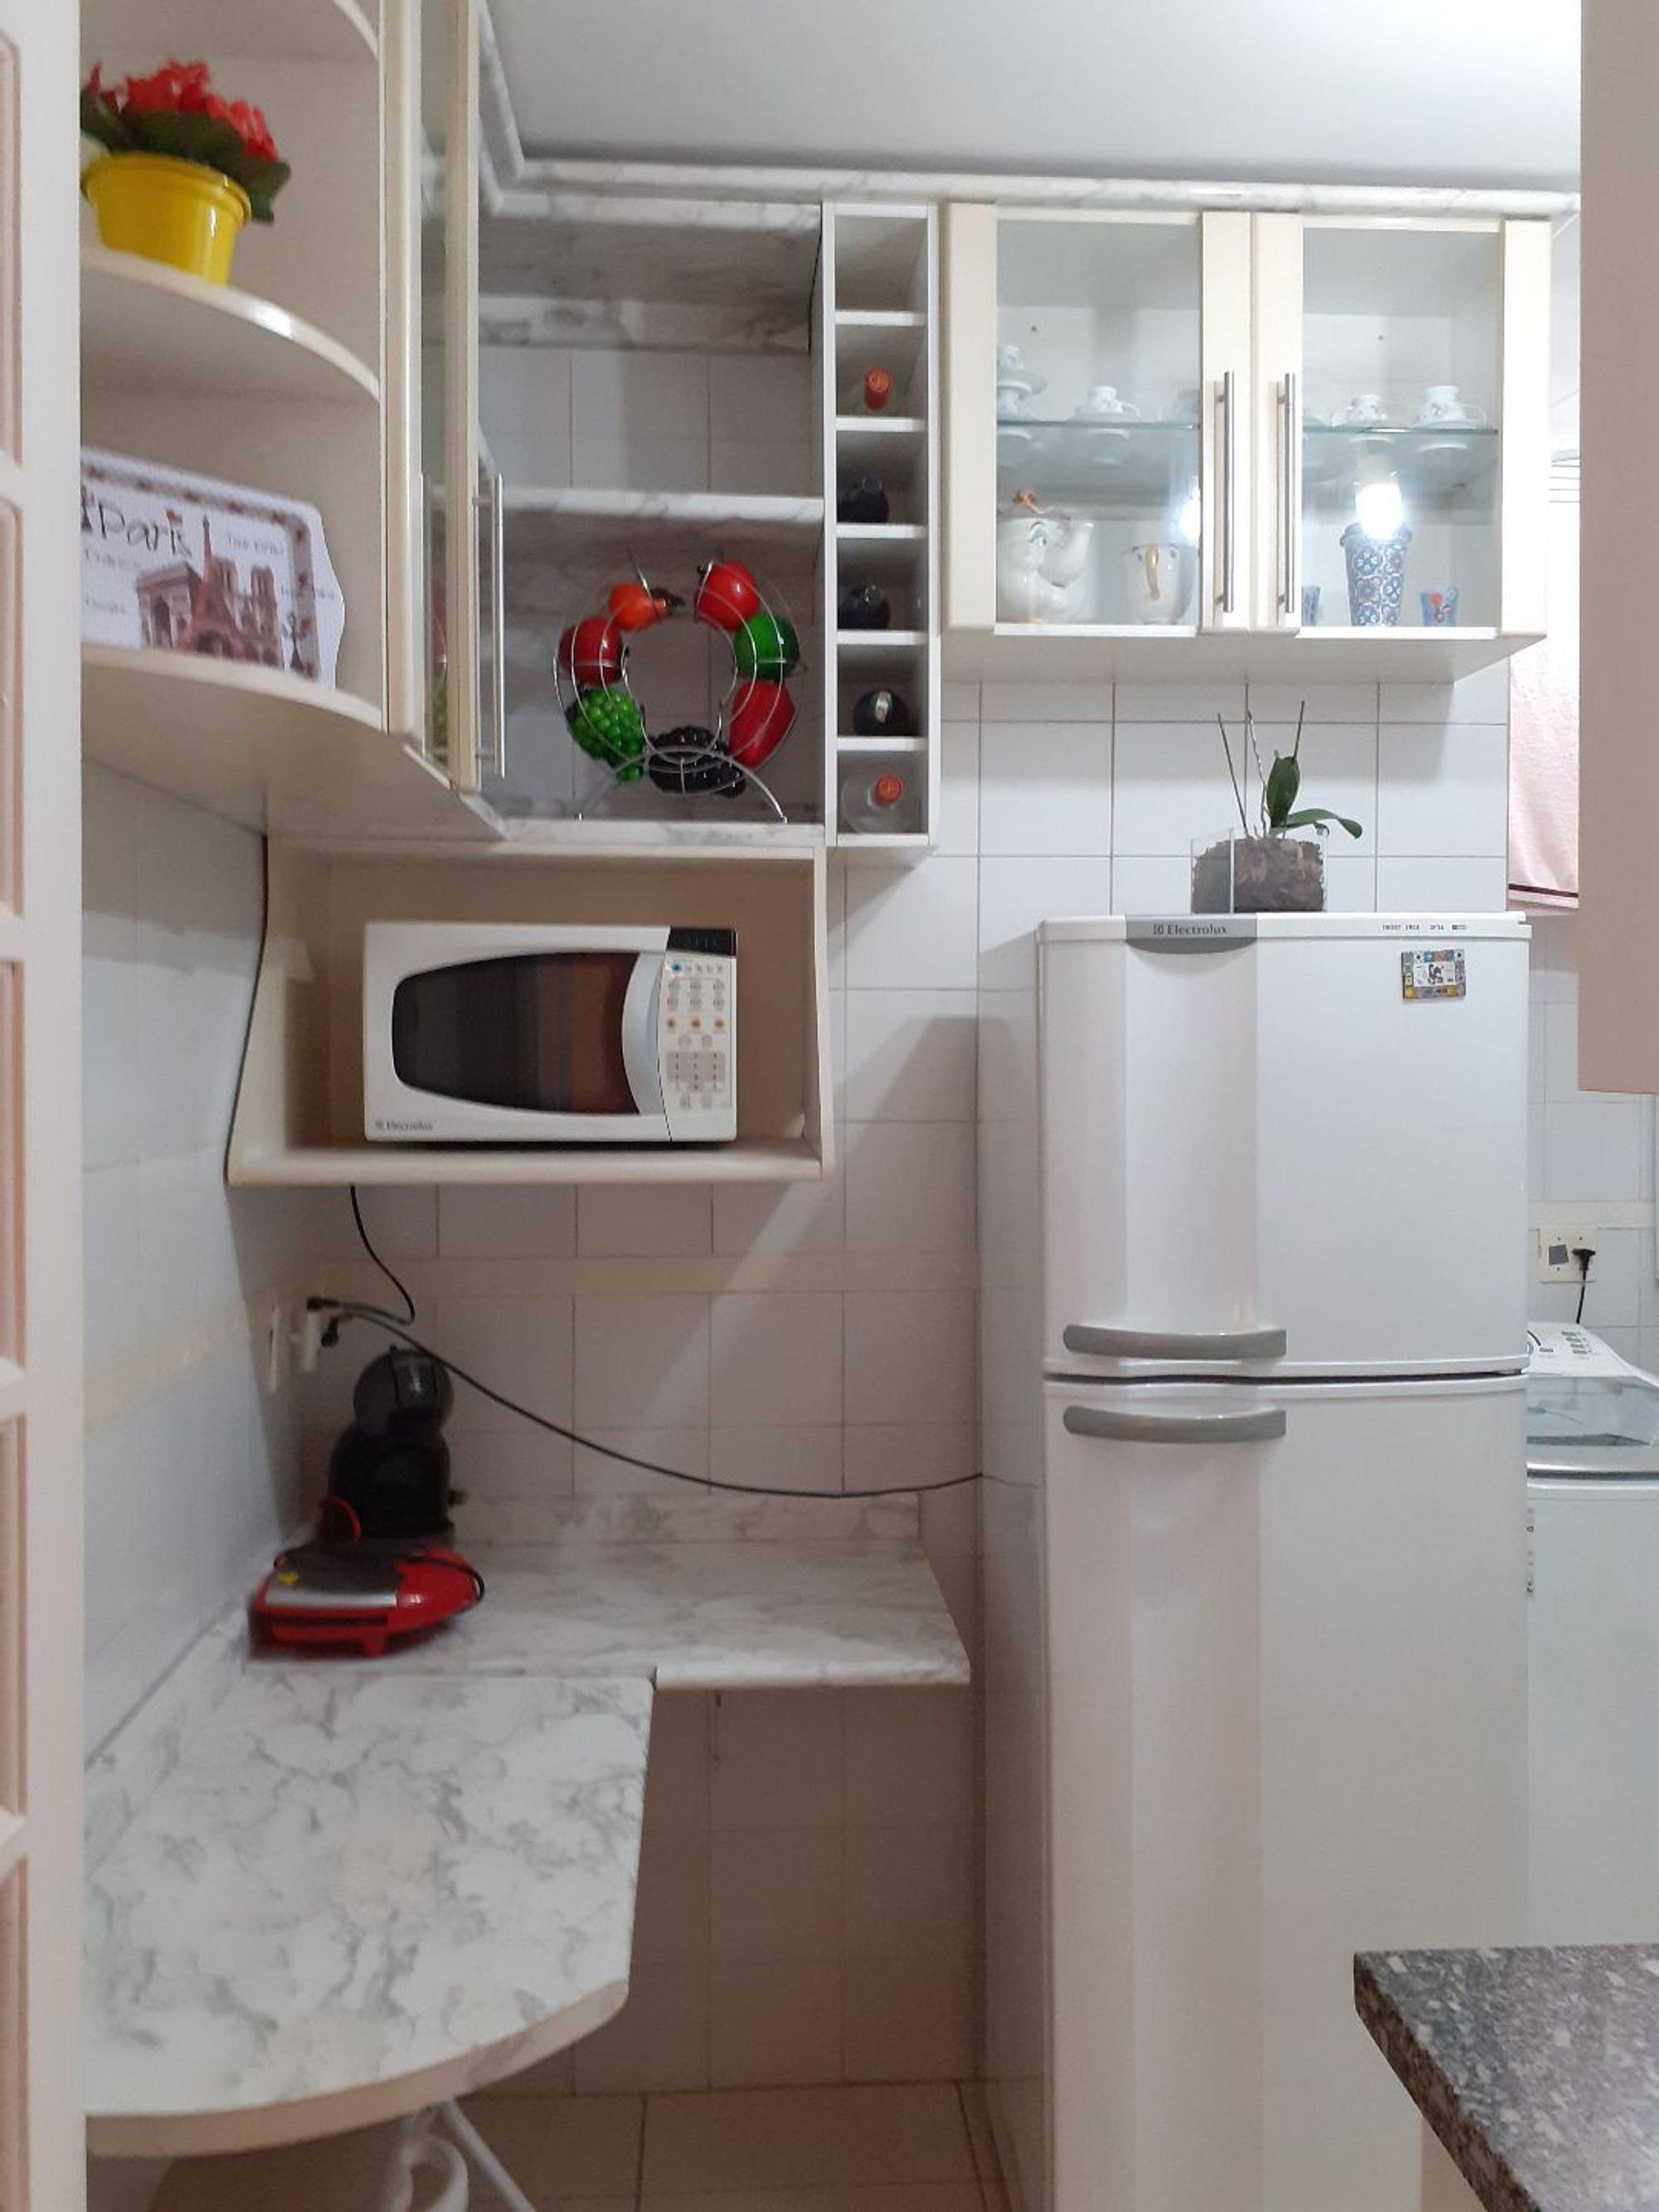 Foto de Cozinha com garrafa, tigela, geladeira, microondas